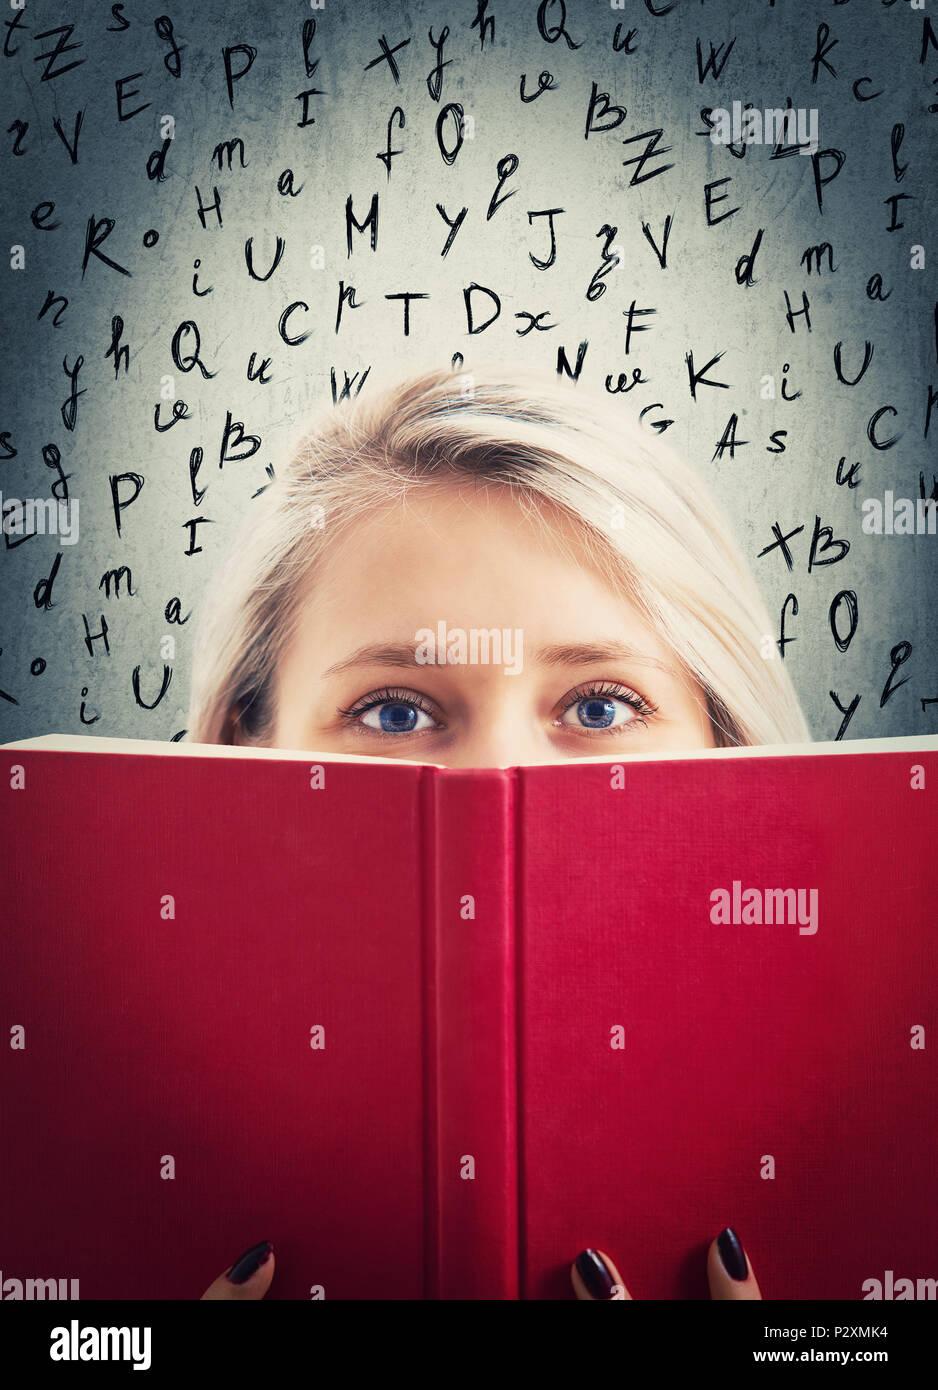 Close up ritratto della bella ragazza studente di nascondersi dietro un rosso libro aperto con relativa alfabeto lettere sullo sfondo. E misteriosa donna timida tenere Immagini Stock